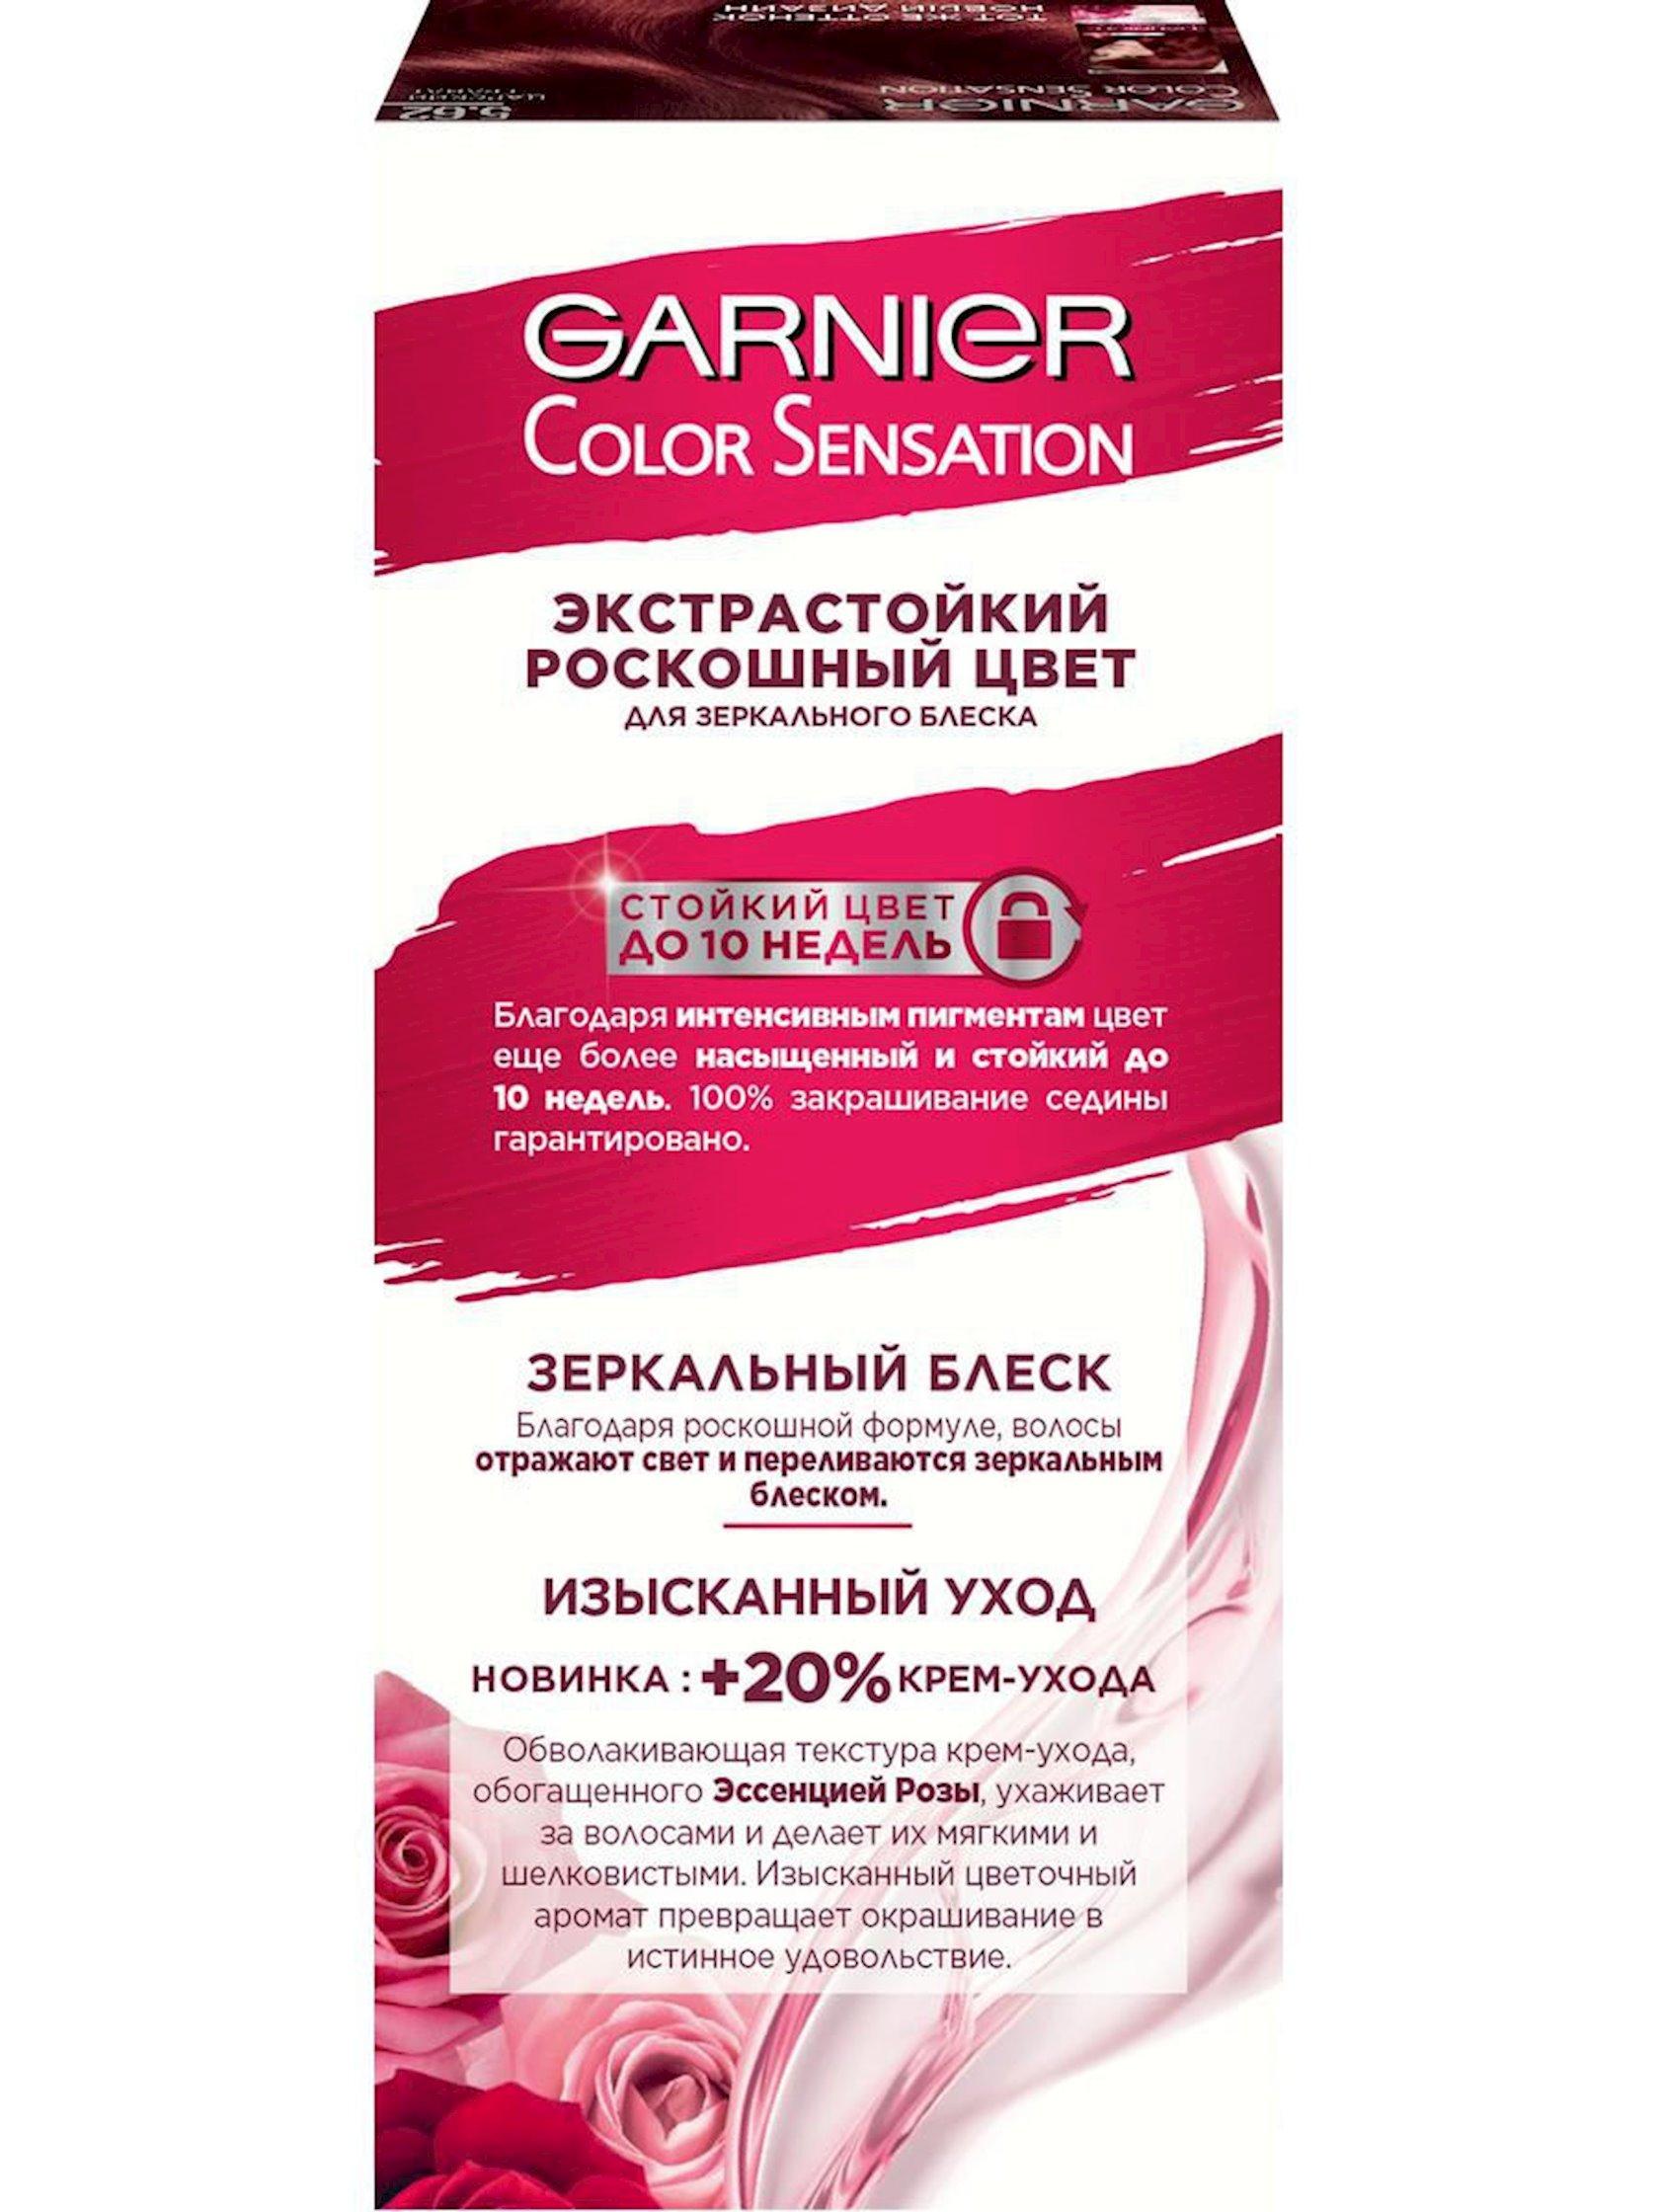 Saç üçün qalıcı krem-boya Garnier Color Sensation Dəbdəbəli rəng 5.62 Çar narı